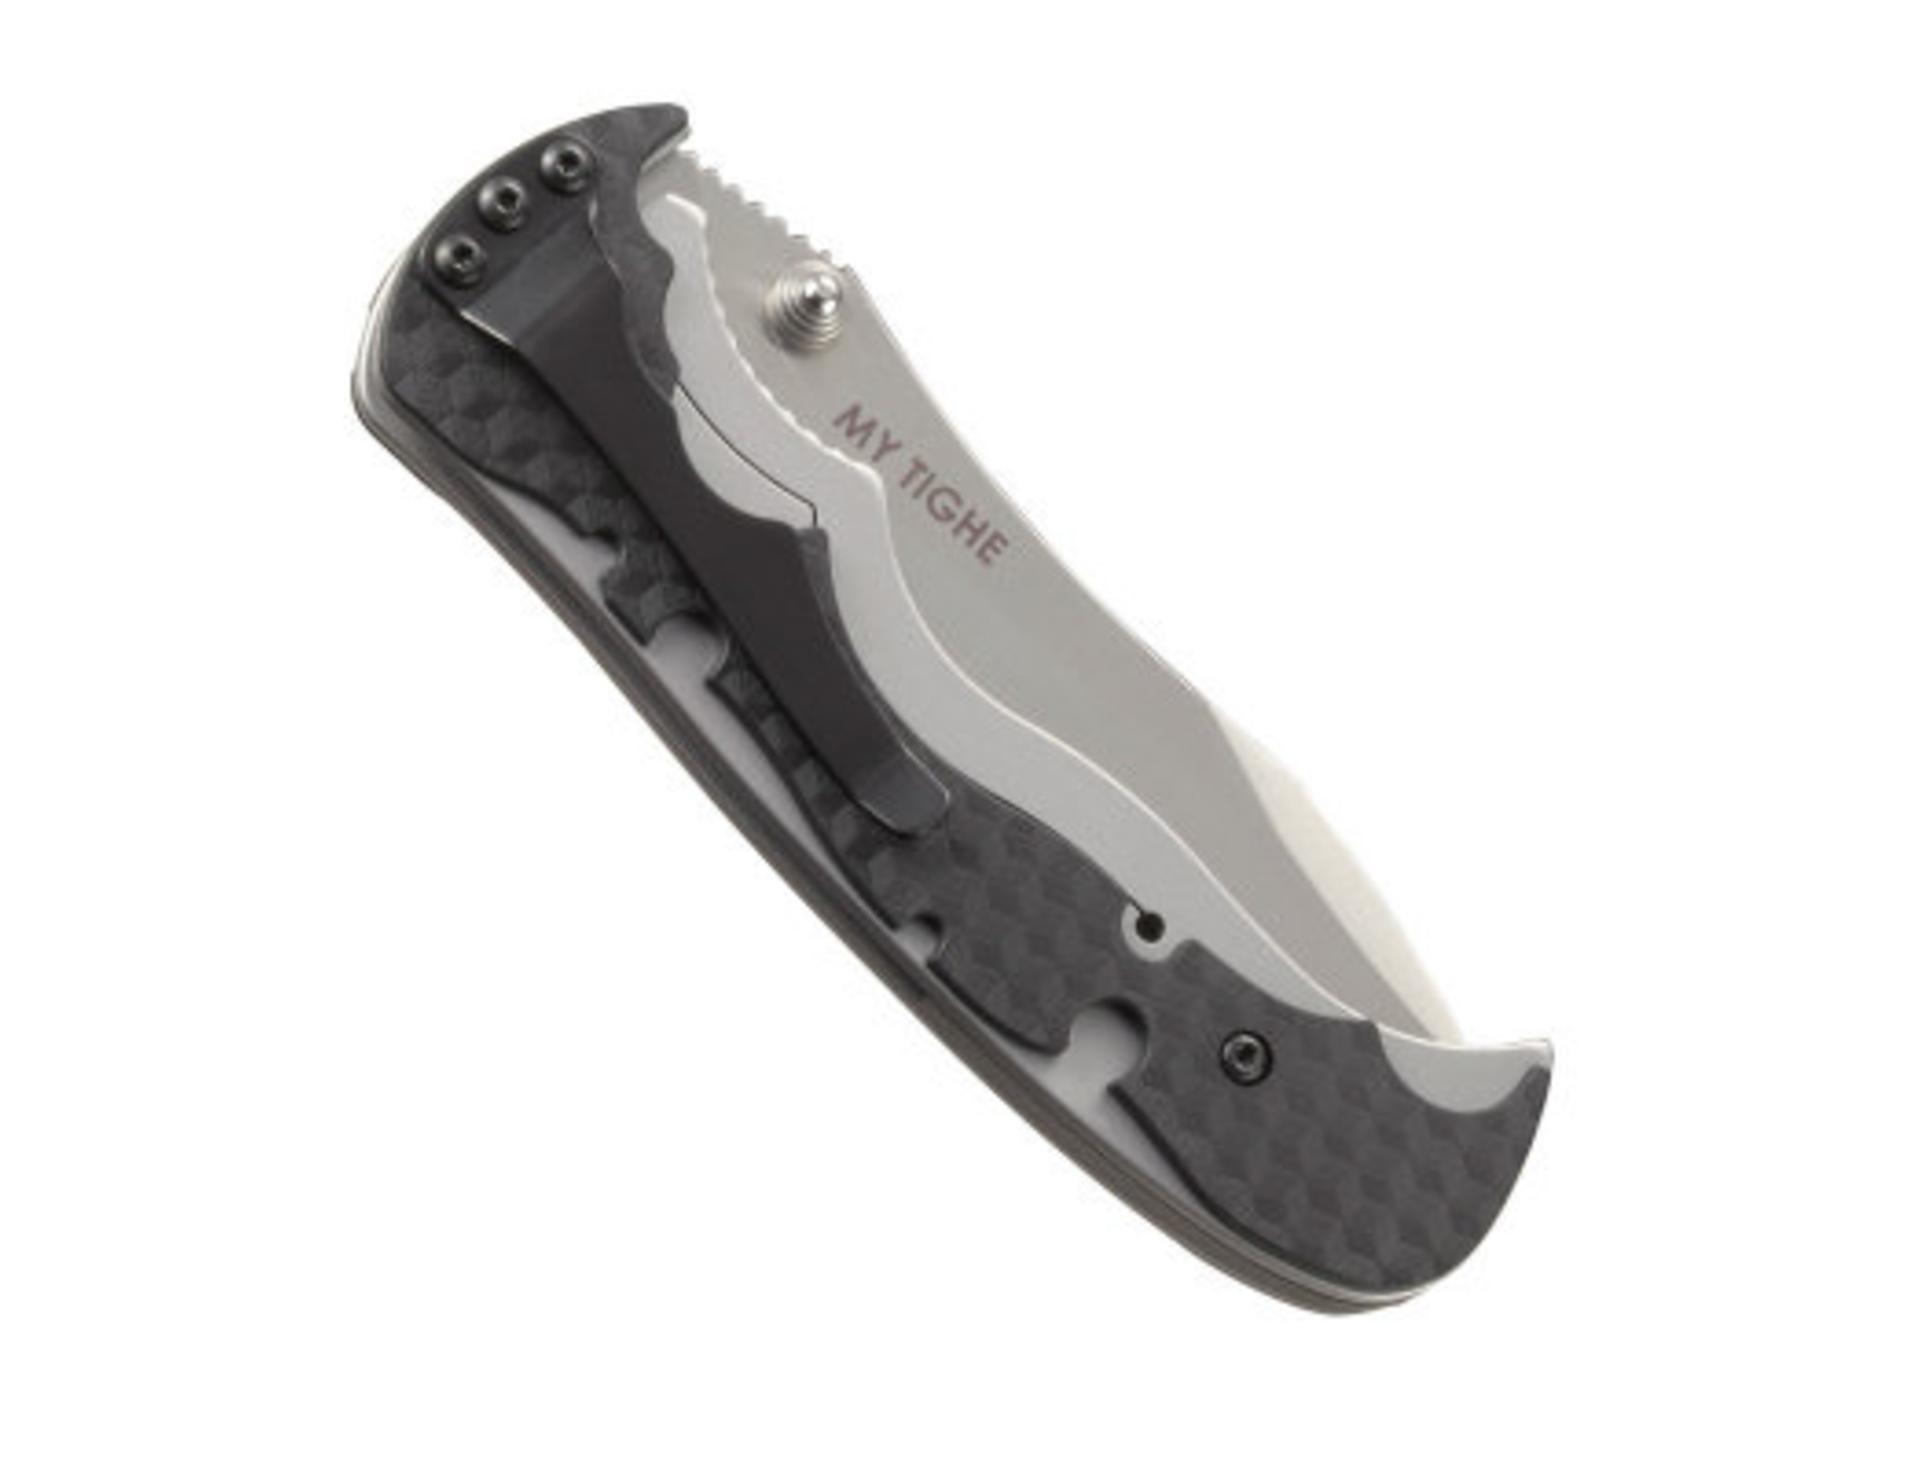 Фото 7 - Полуавтоматический складной нож My Tighe, CRKT 1090, сталь 1. 4116 (X50CrMoV 15), рукоять сталь/термопластик